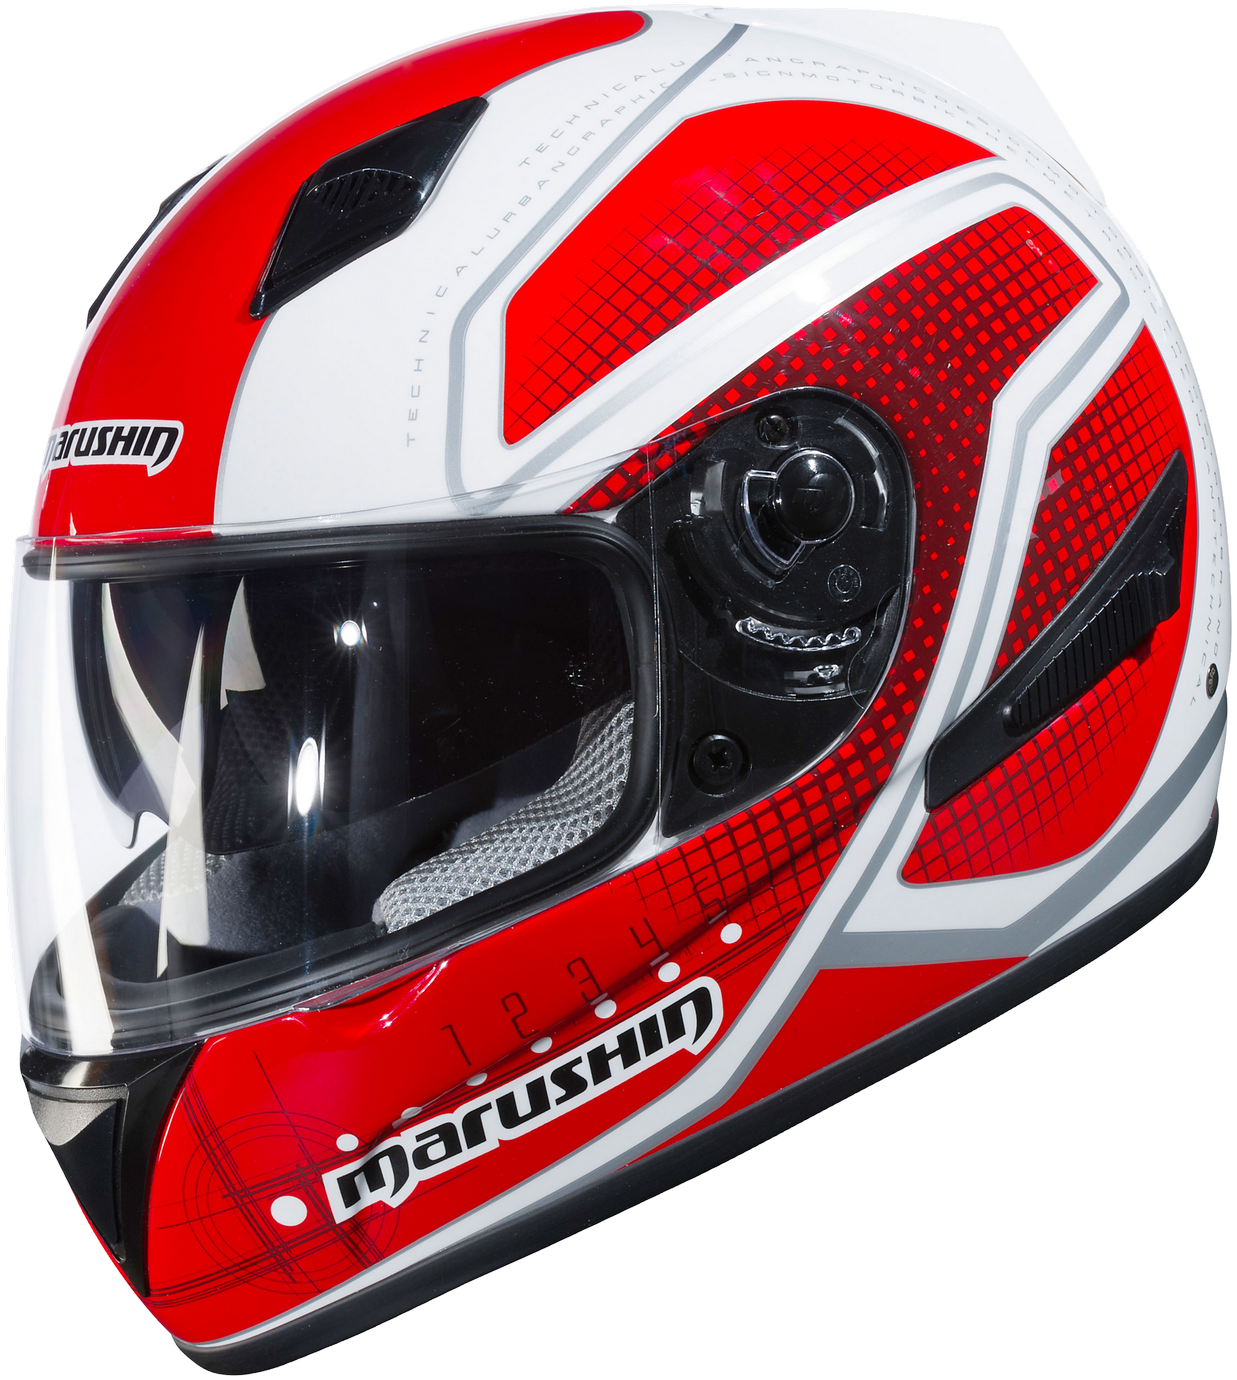 Motorcycle Helmet PNG Image